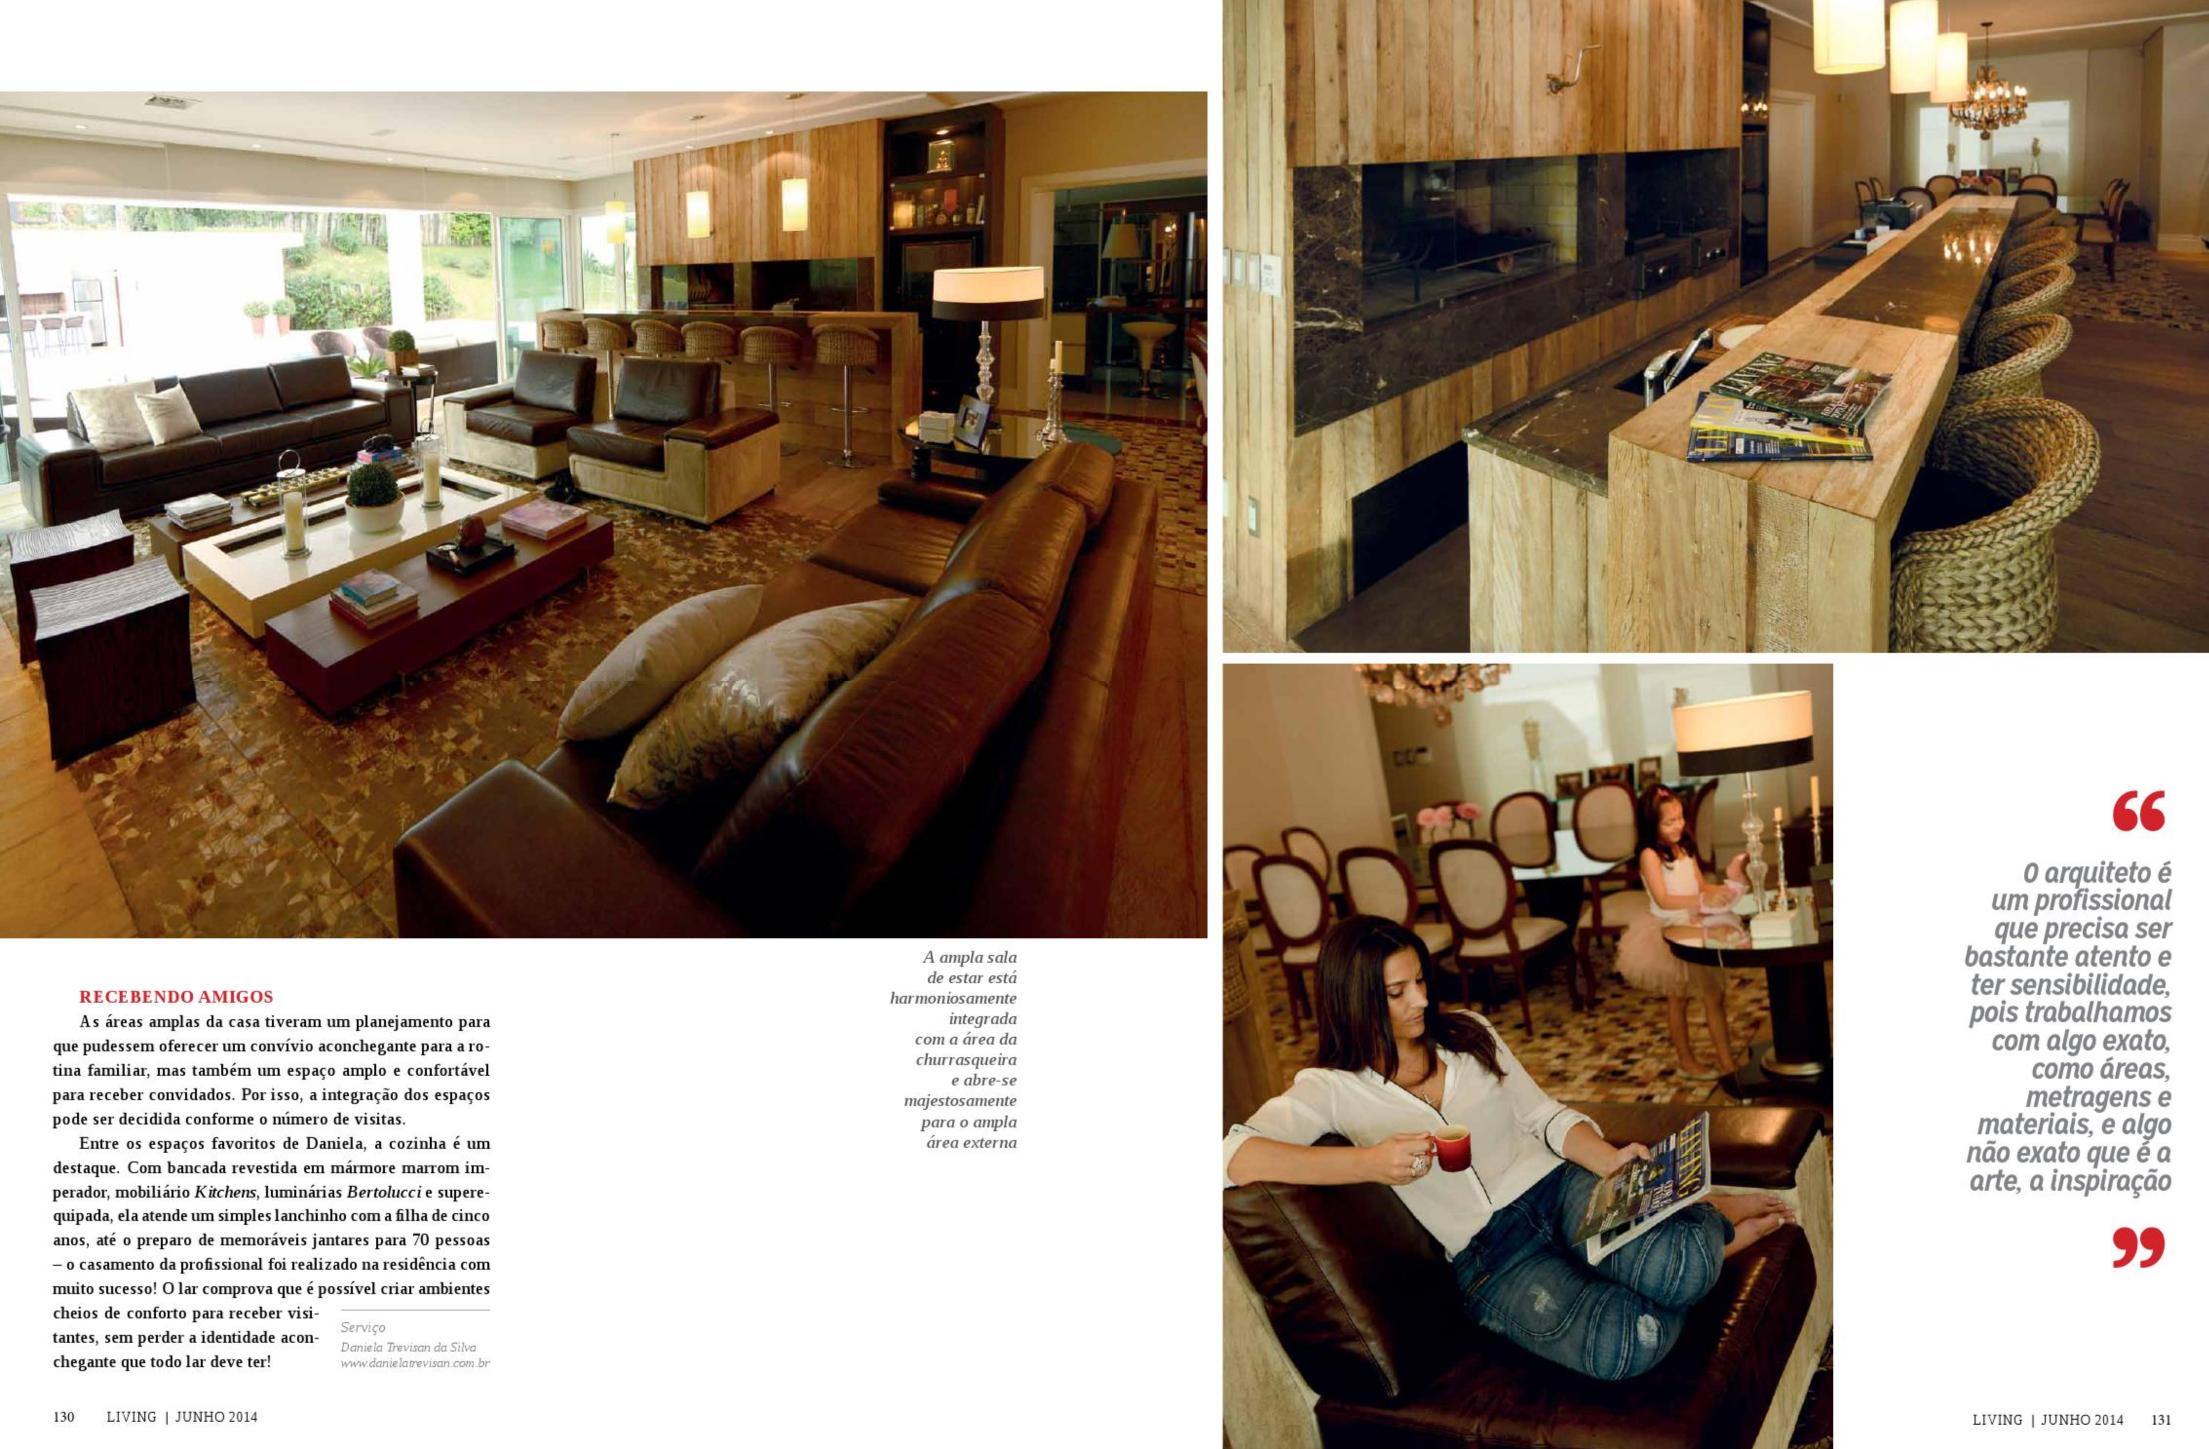 revista-living-junho-2014-02